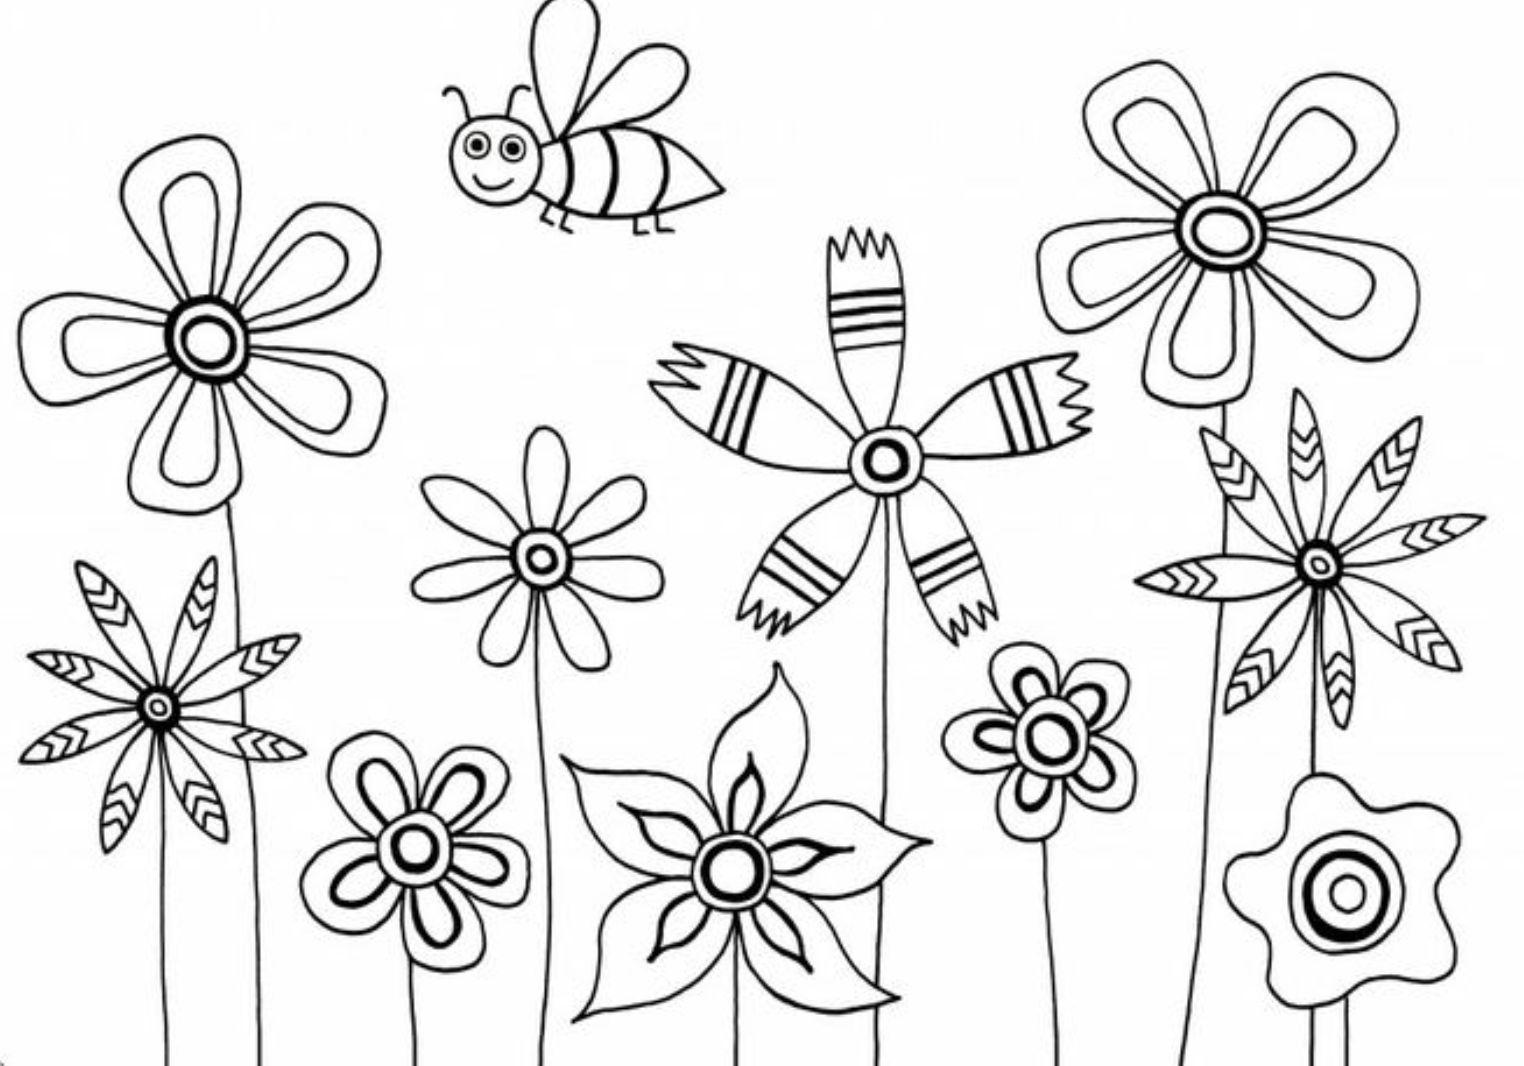 Пчелка над клумбой с цветами